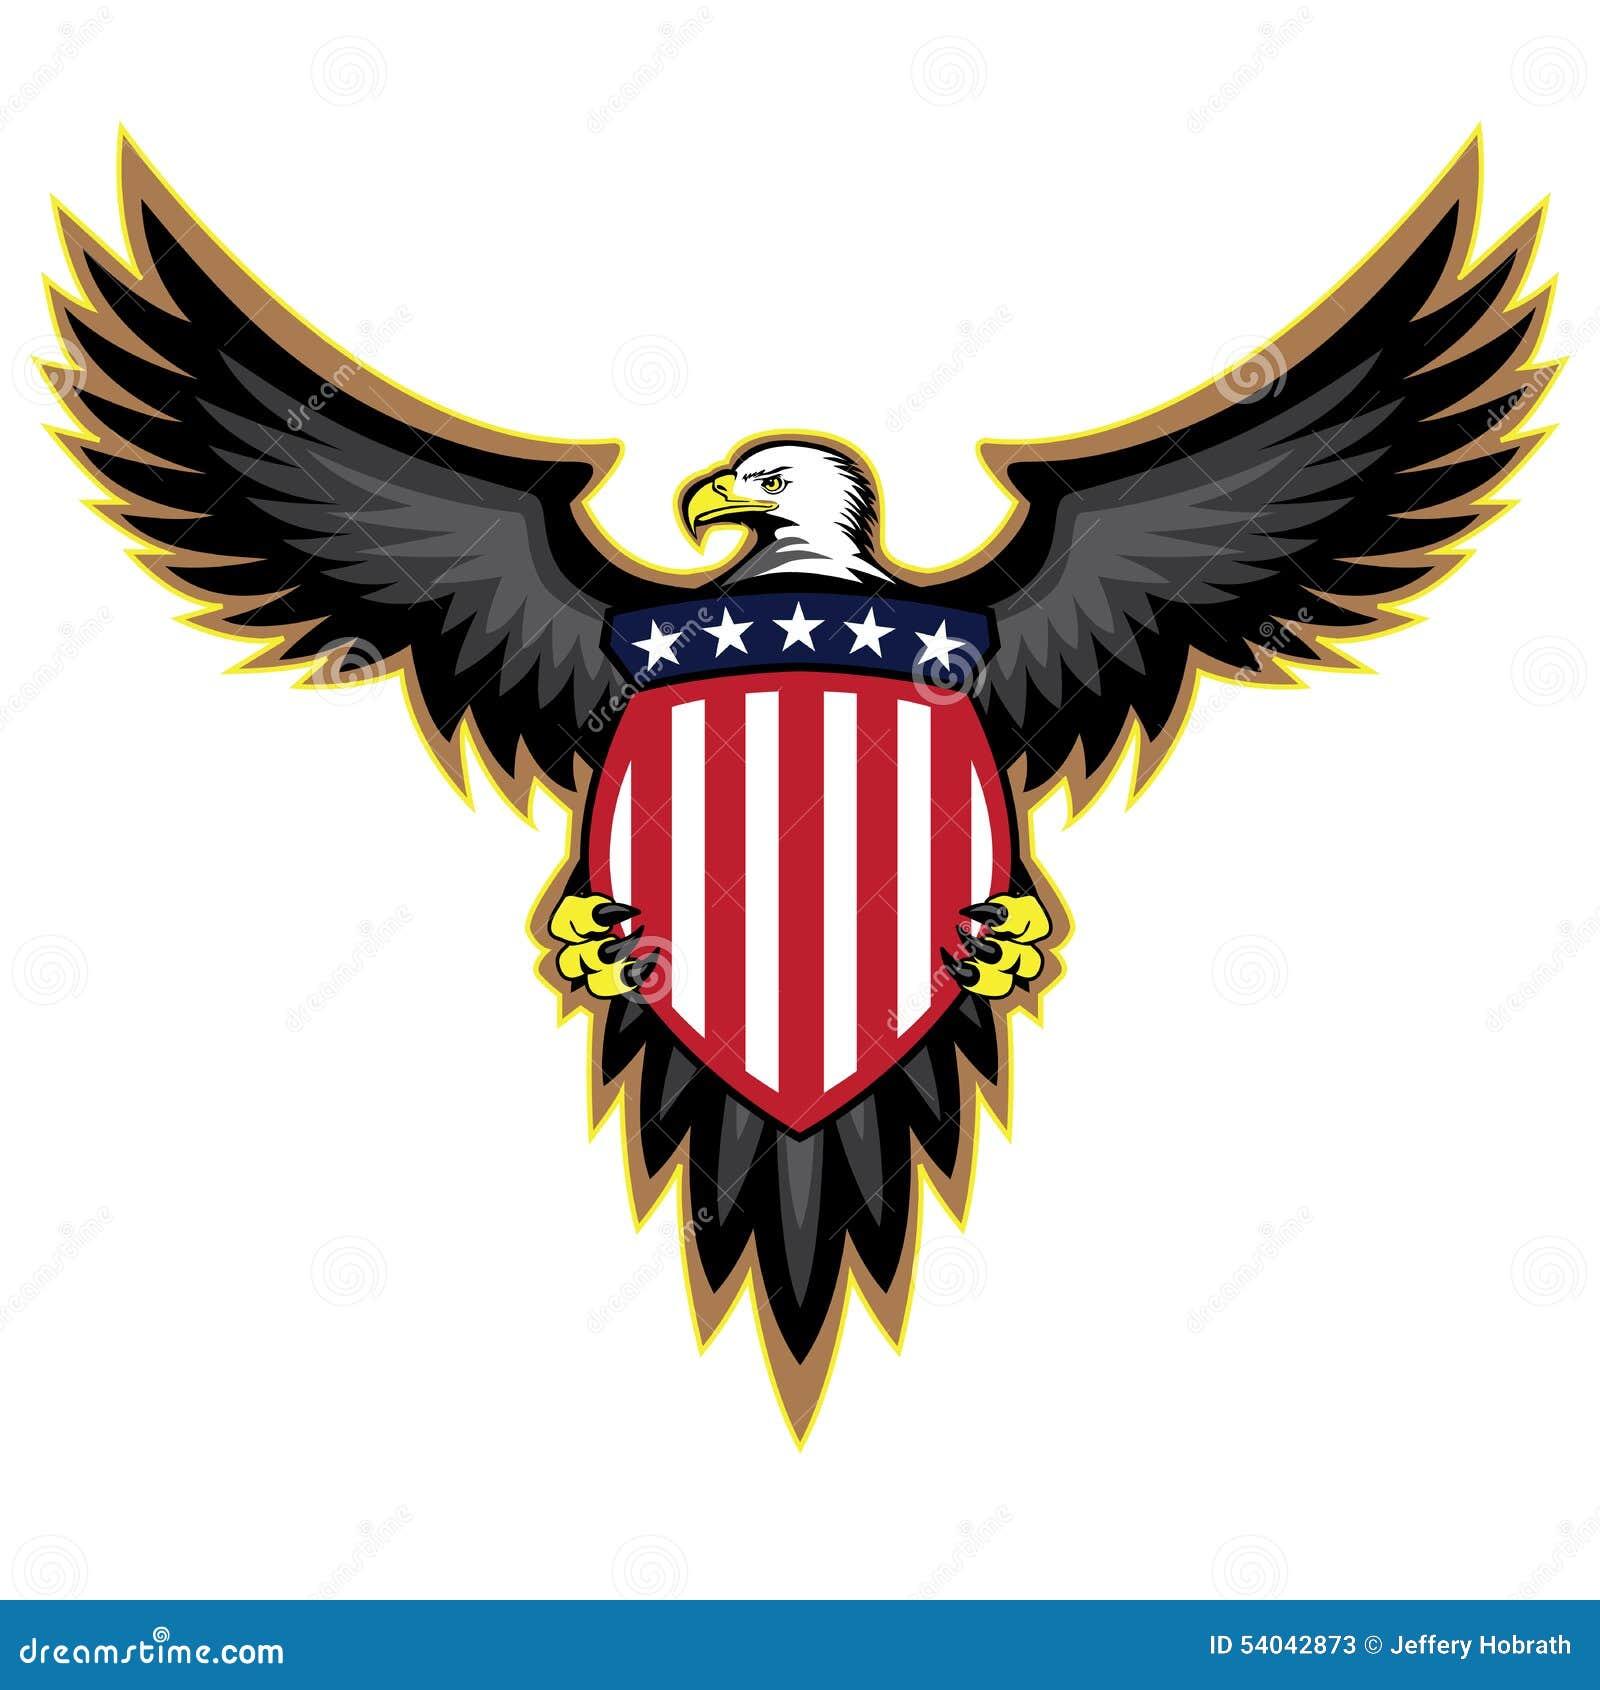 Πατριωτικός αμερικανικός αετός, φτερά που διαδίδονται, ασπίδα εκμετάλλευσης